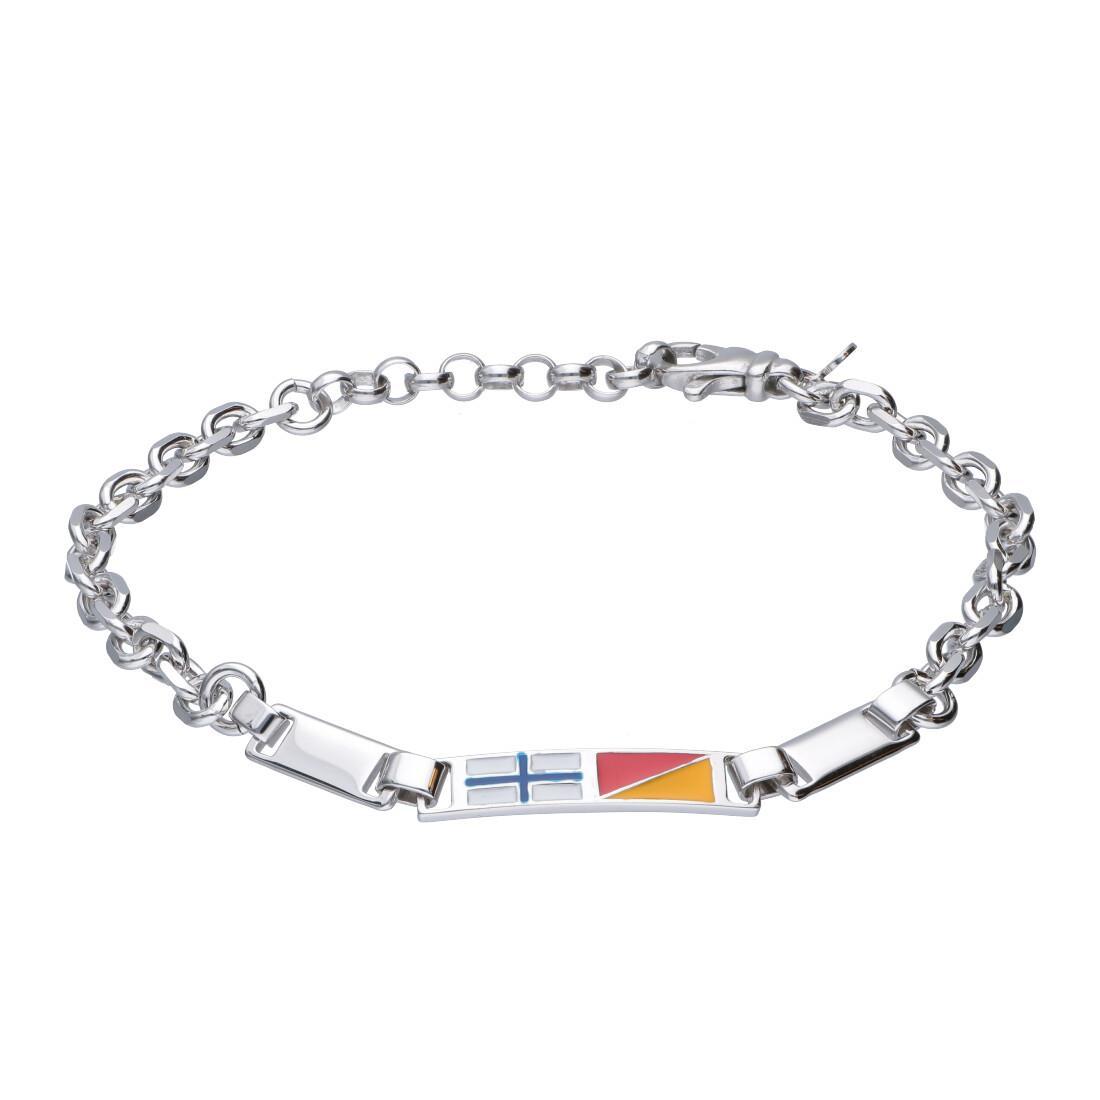 Bracciale uomo in argento - ORO&CO 925